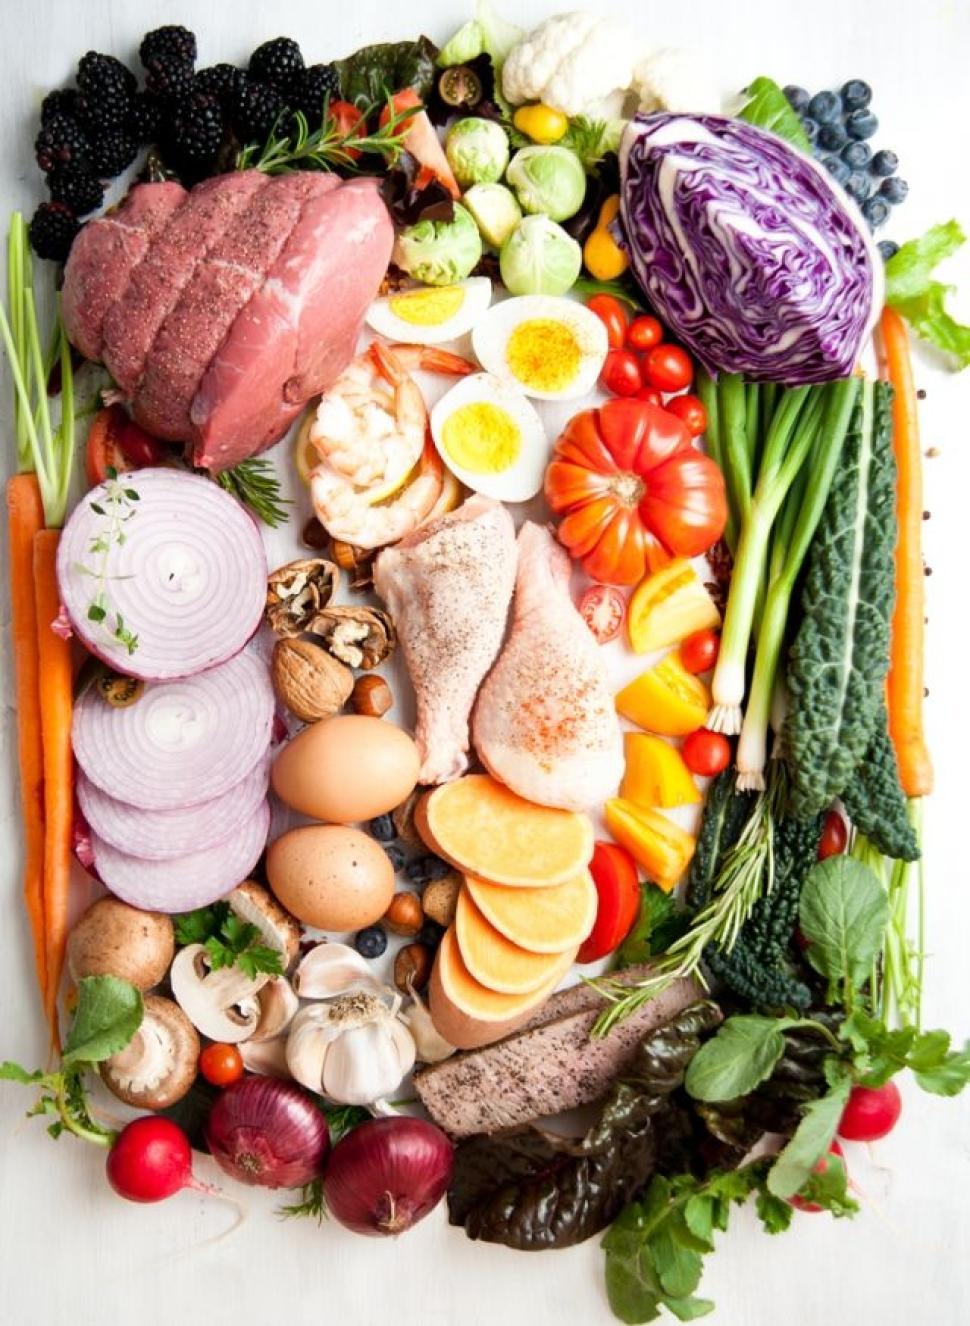 afvallen zonder dieet en sporten